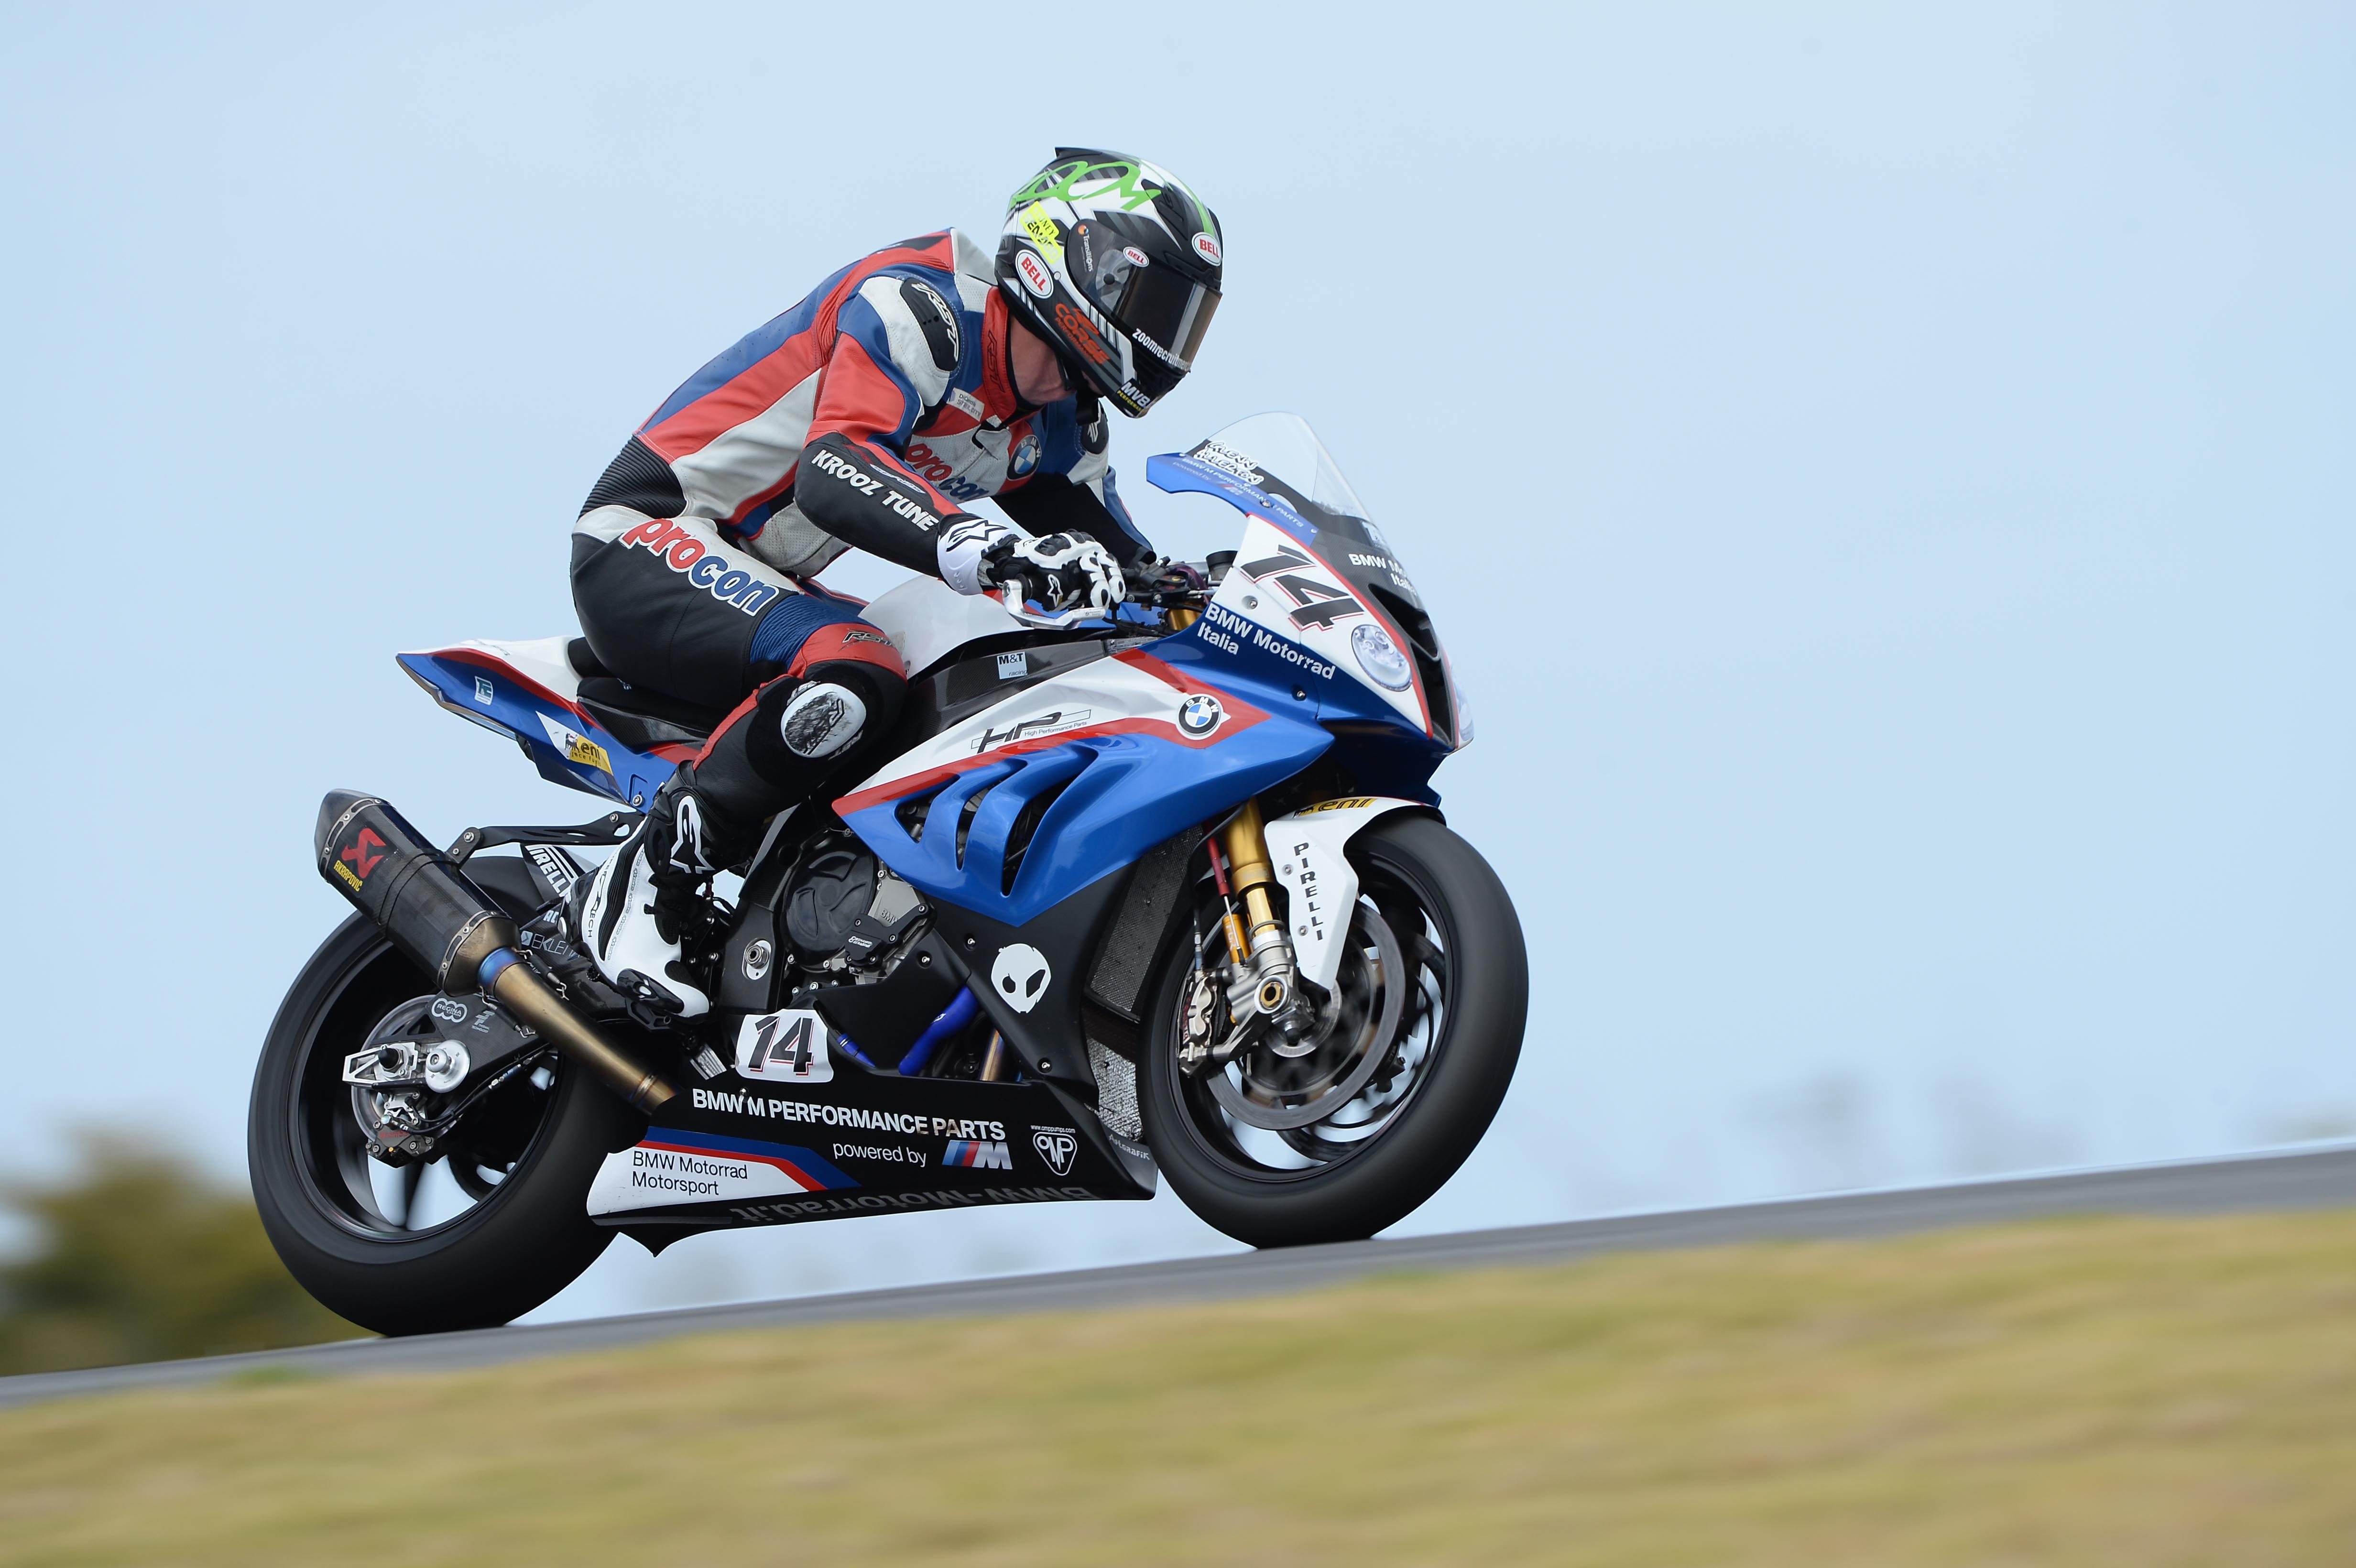 Motorrad Italia Superbike Team: qualifiche